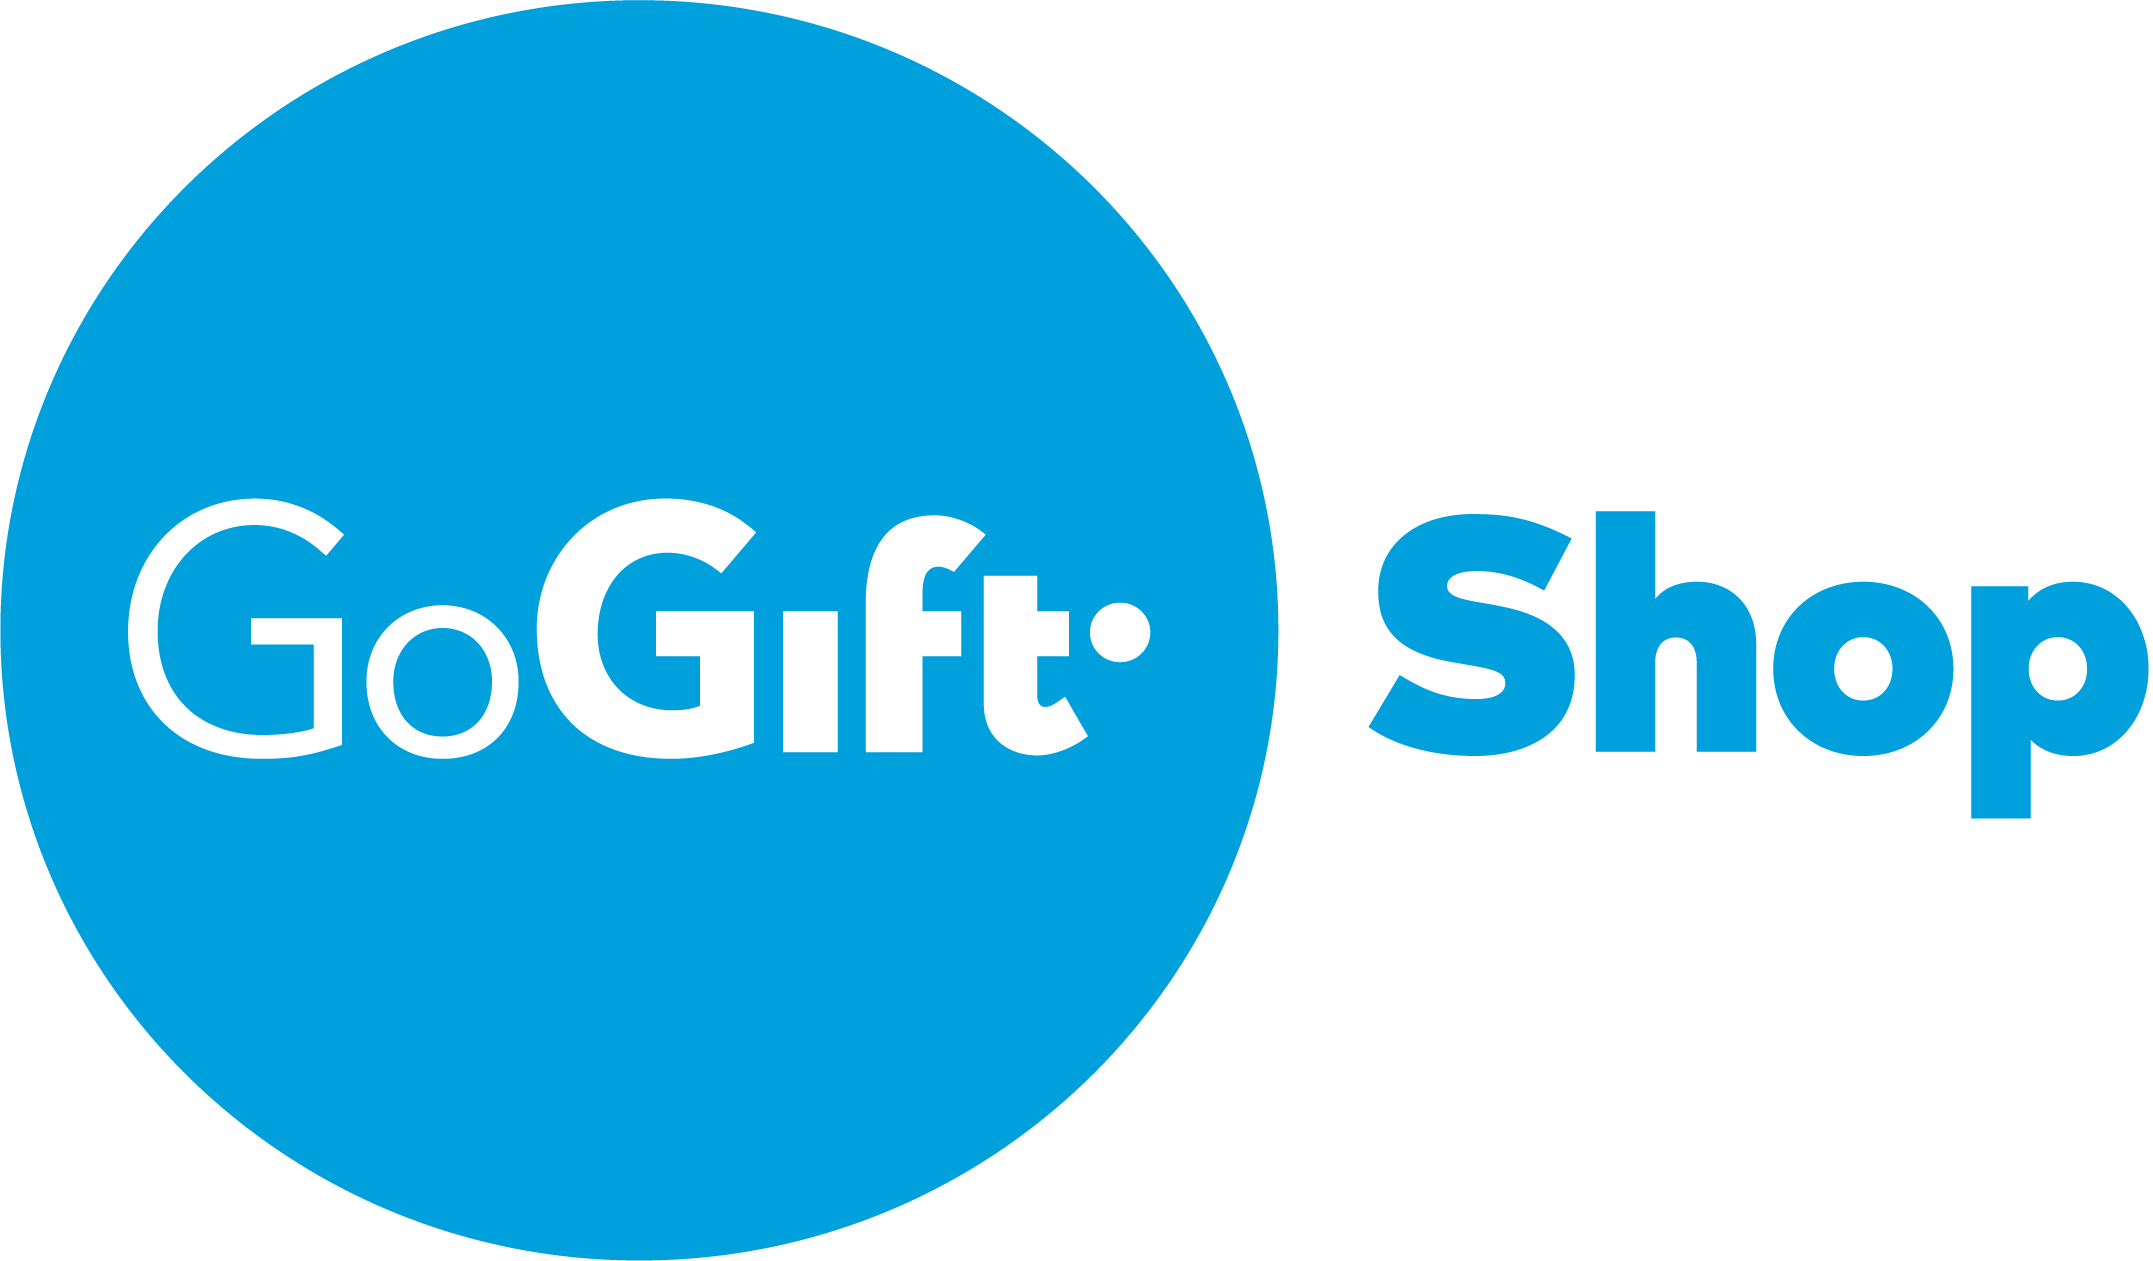 shopfi.gogift.com